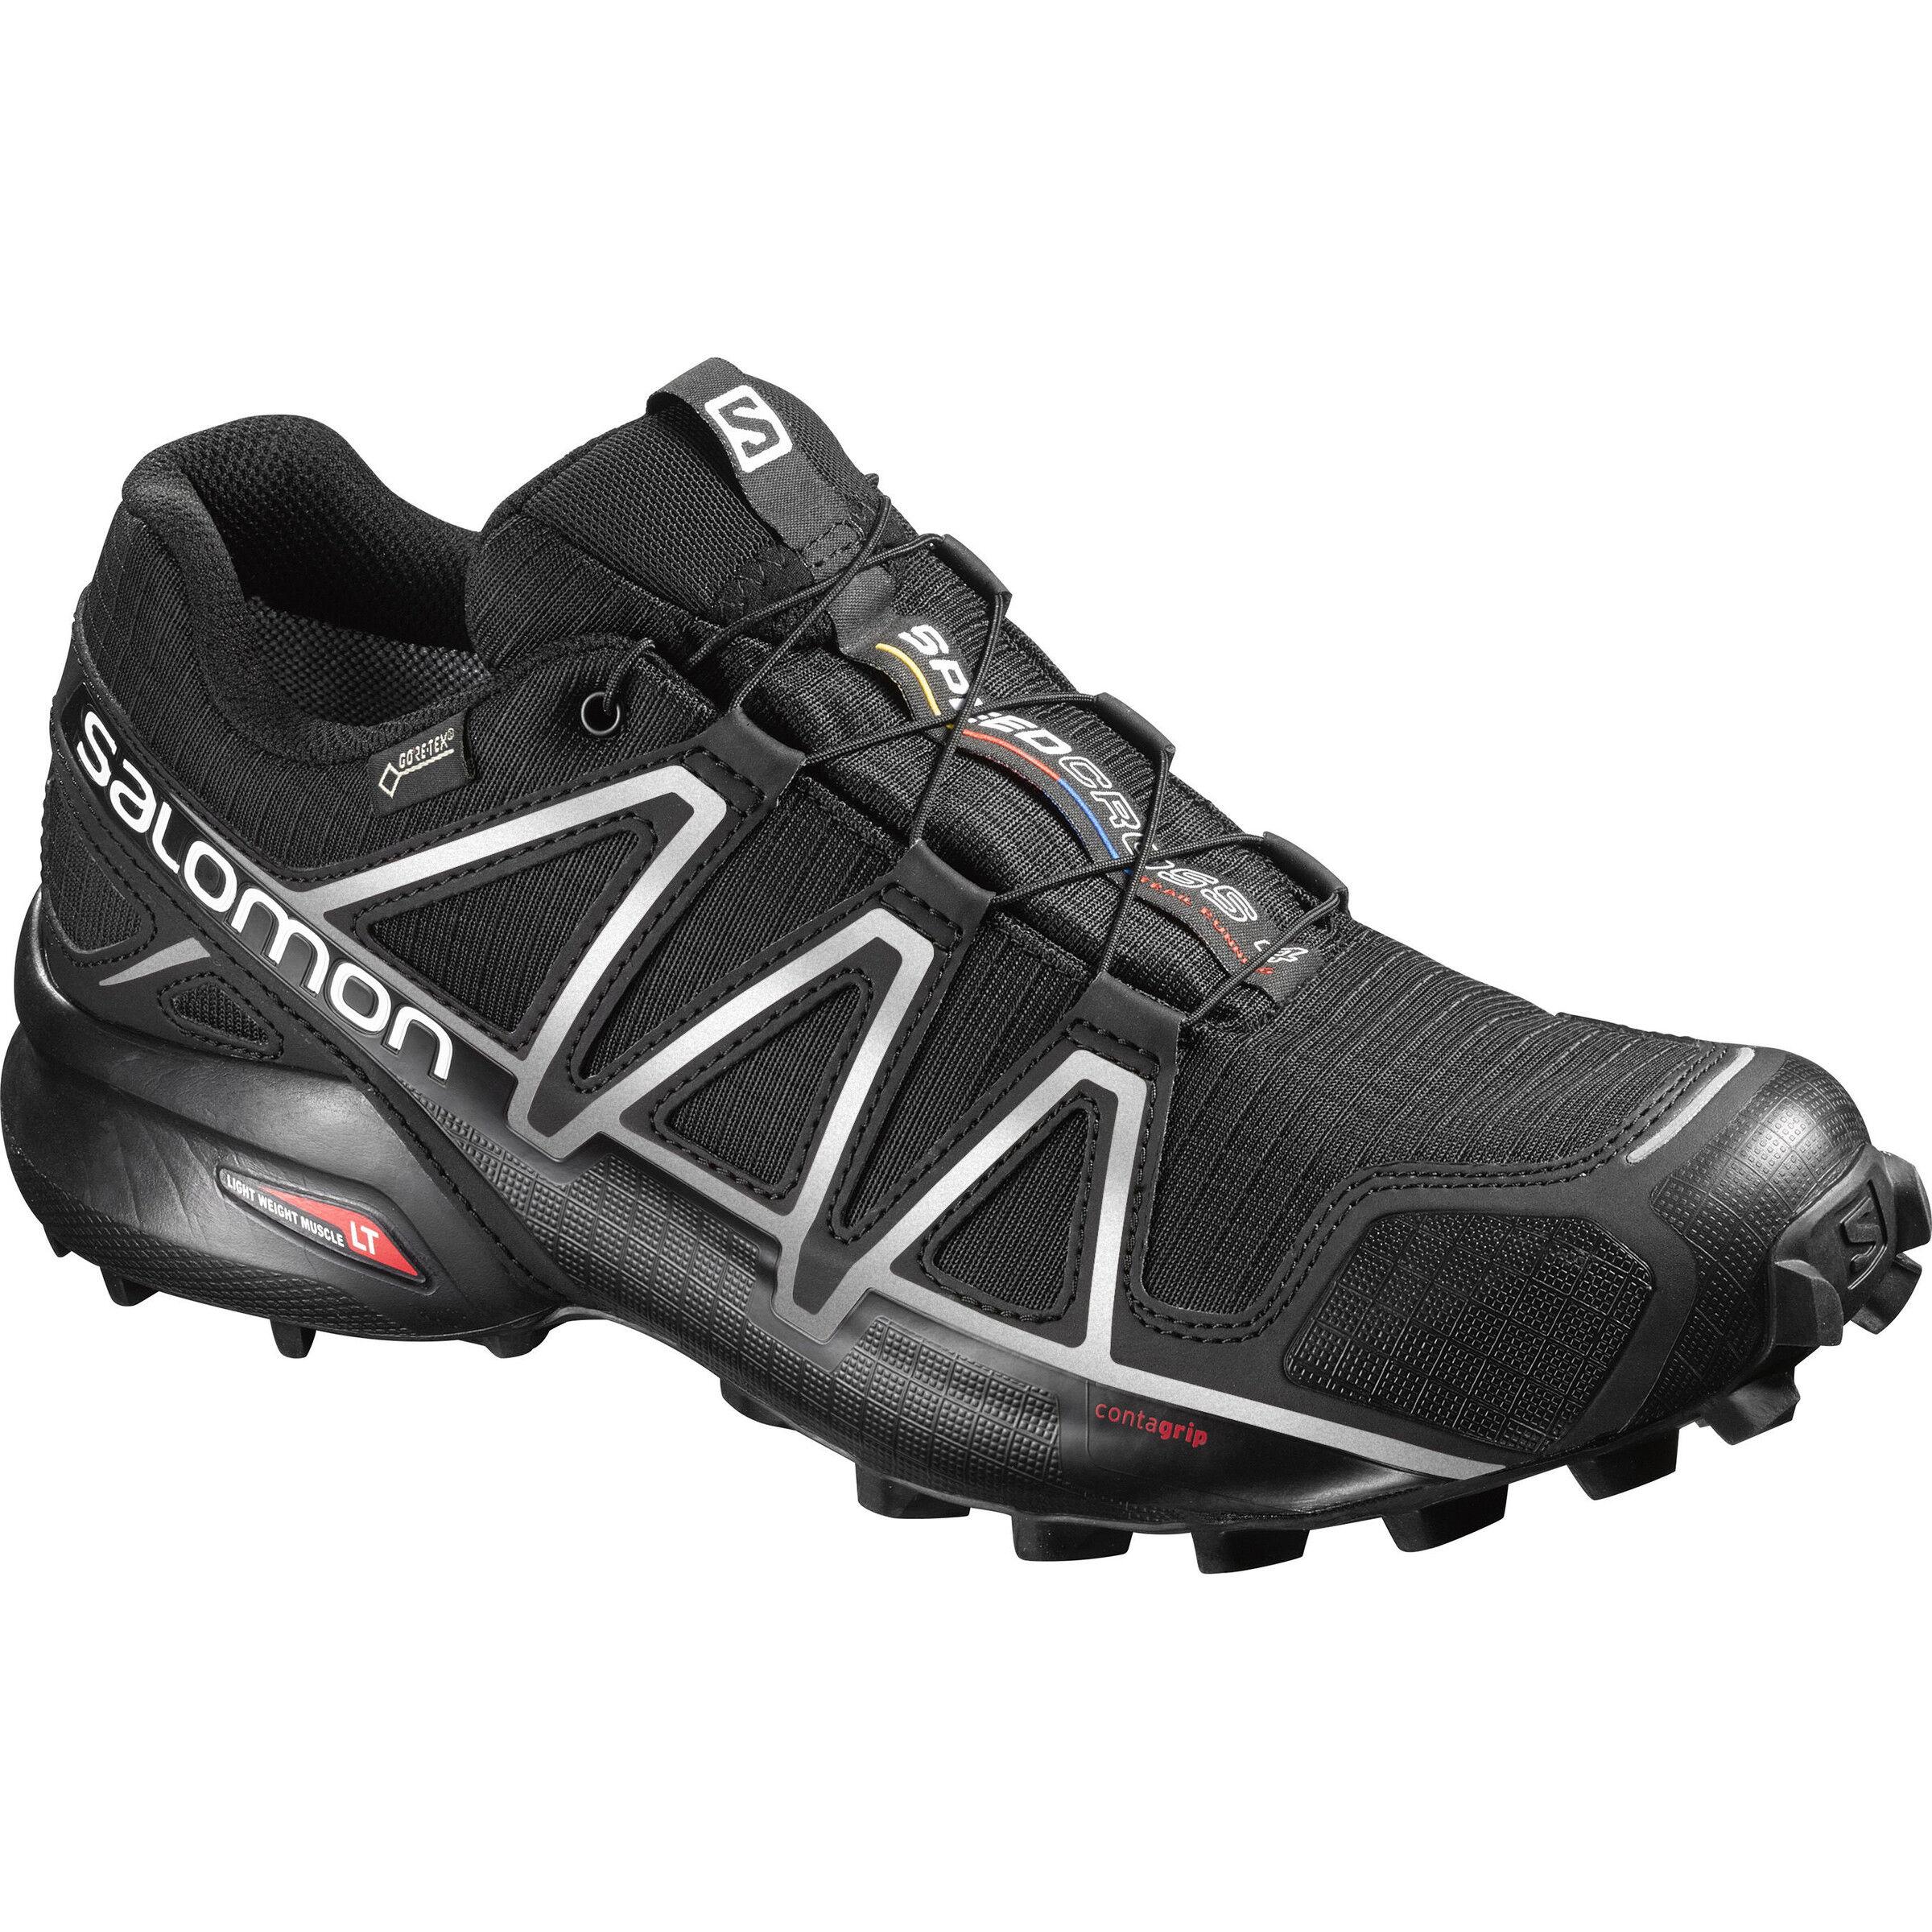 Salomon Speedcross 4 GTX Shoes Herren blackblacksilver metallic x